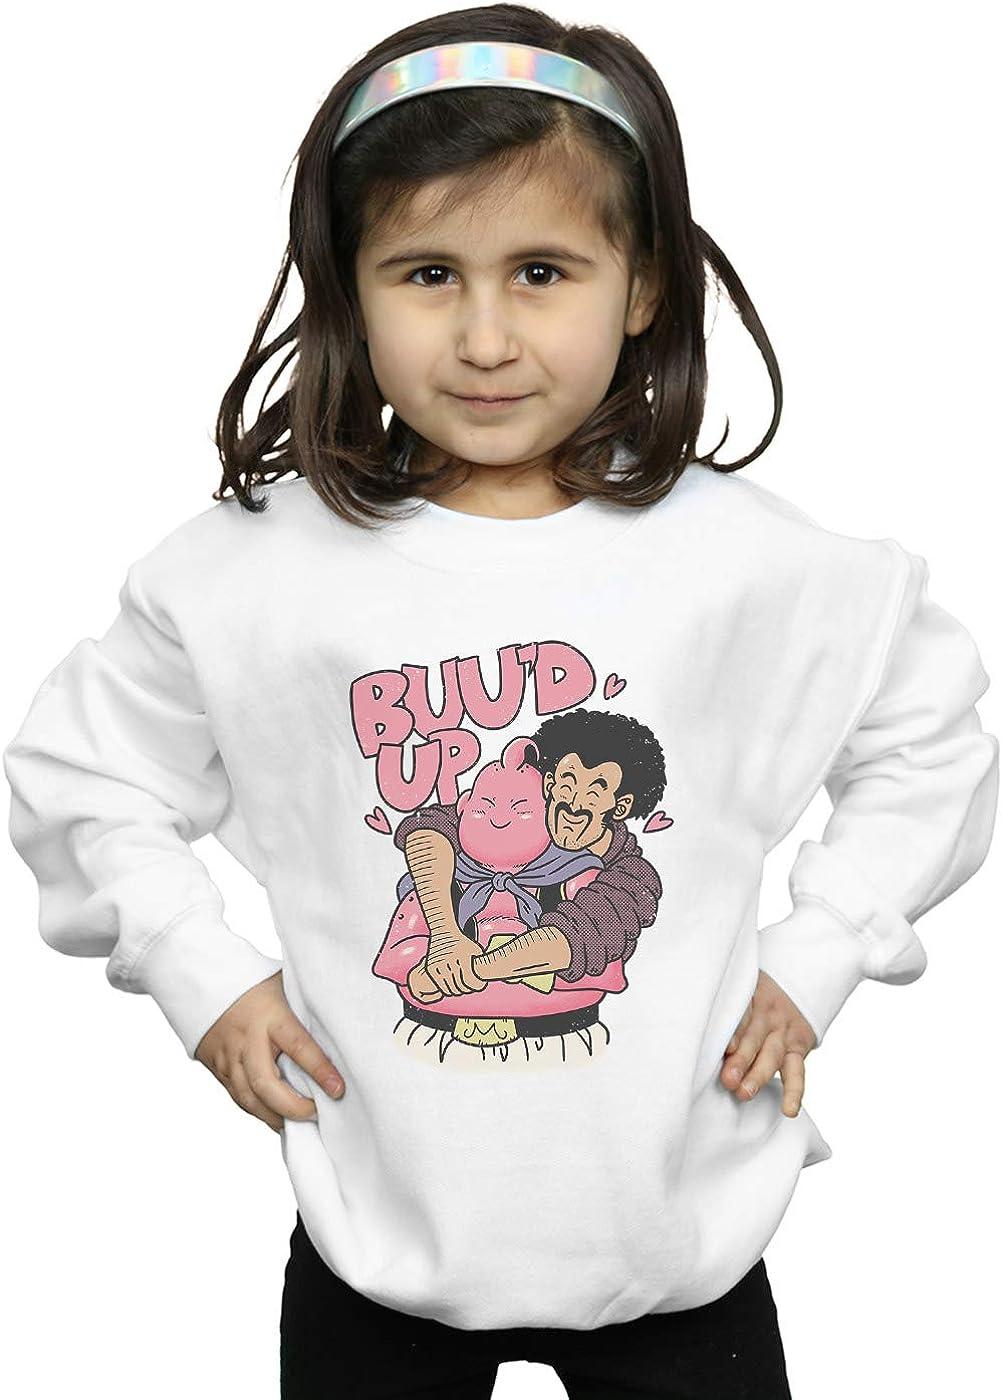 Absolute Cult Pennytees Girls Buud Up Sweatshirt